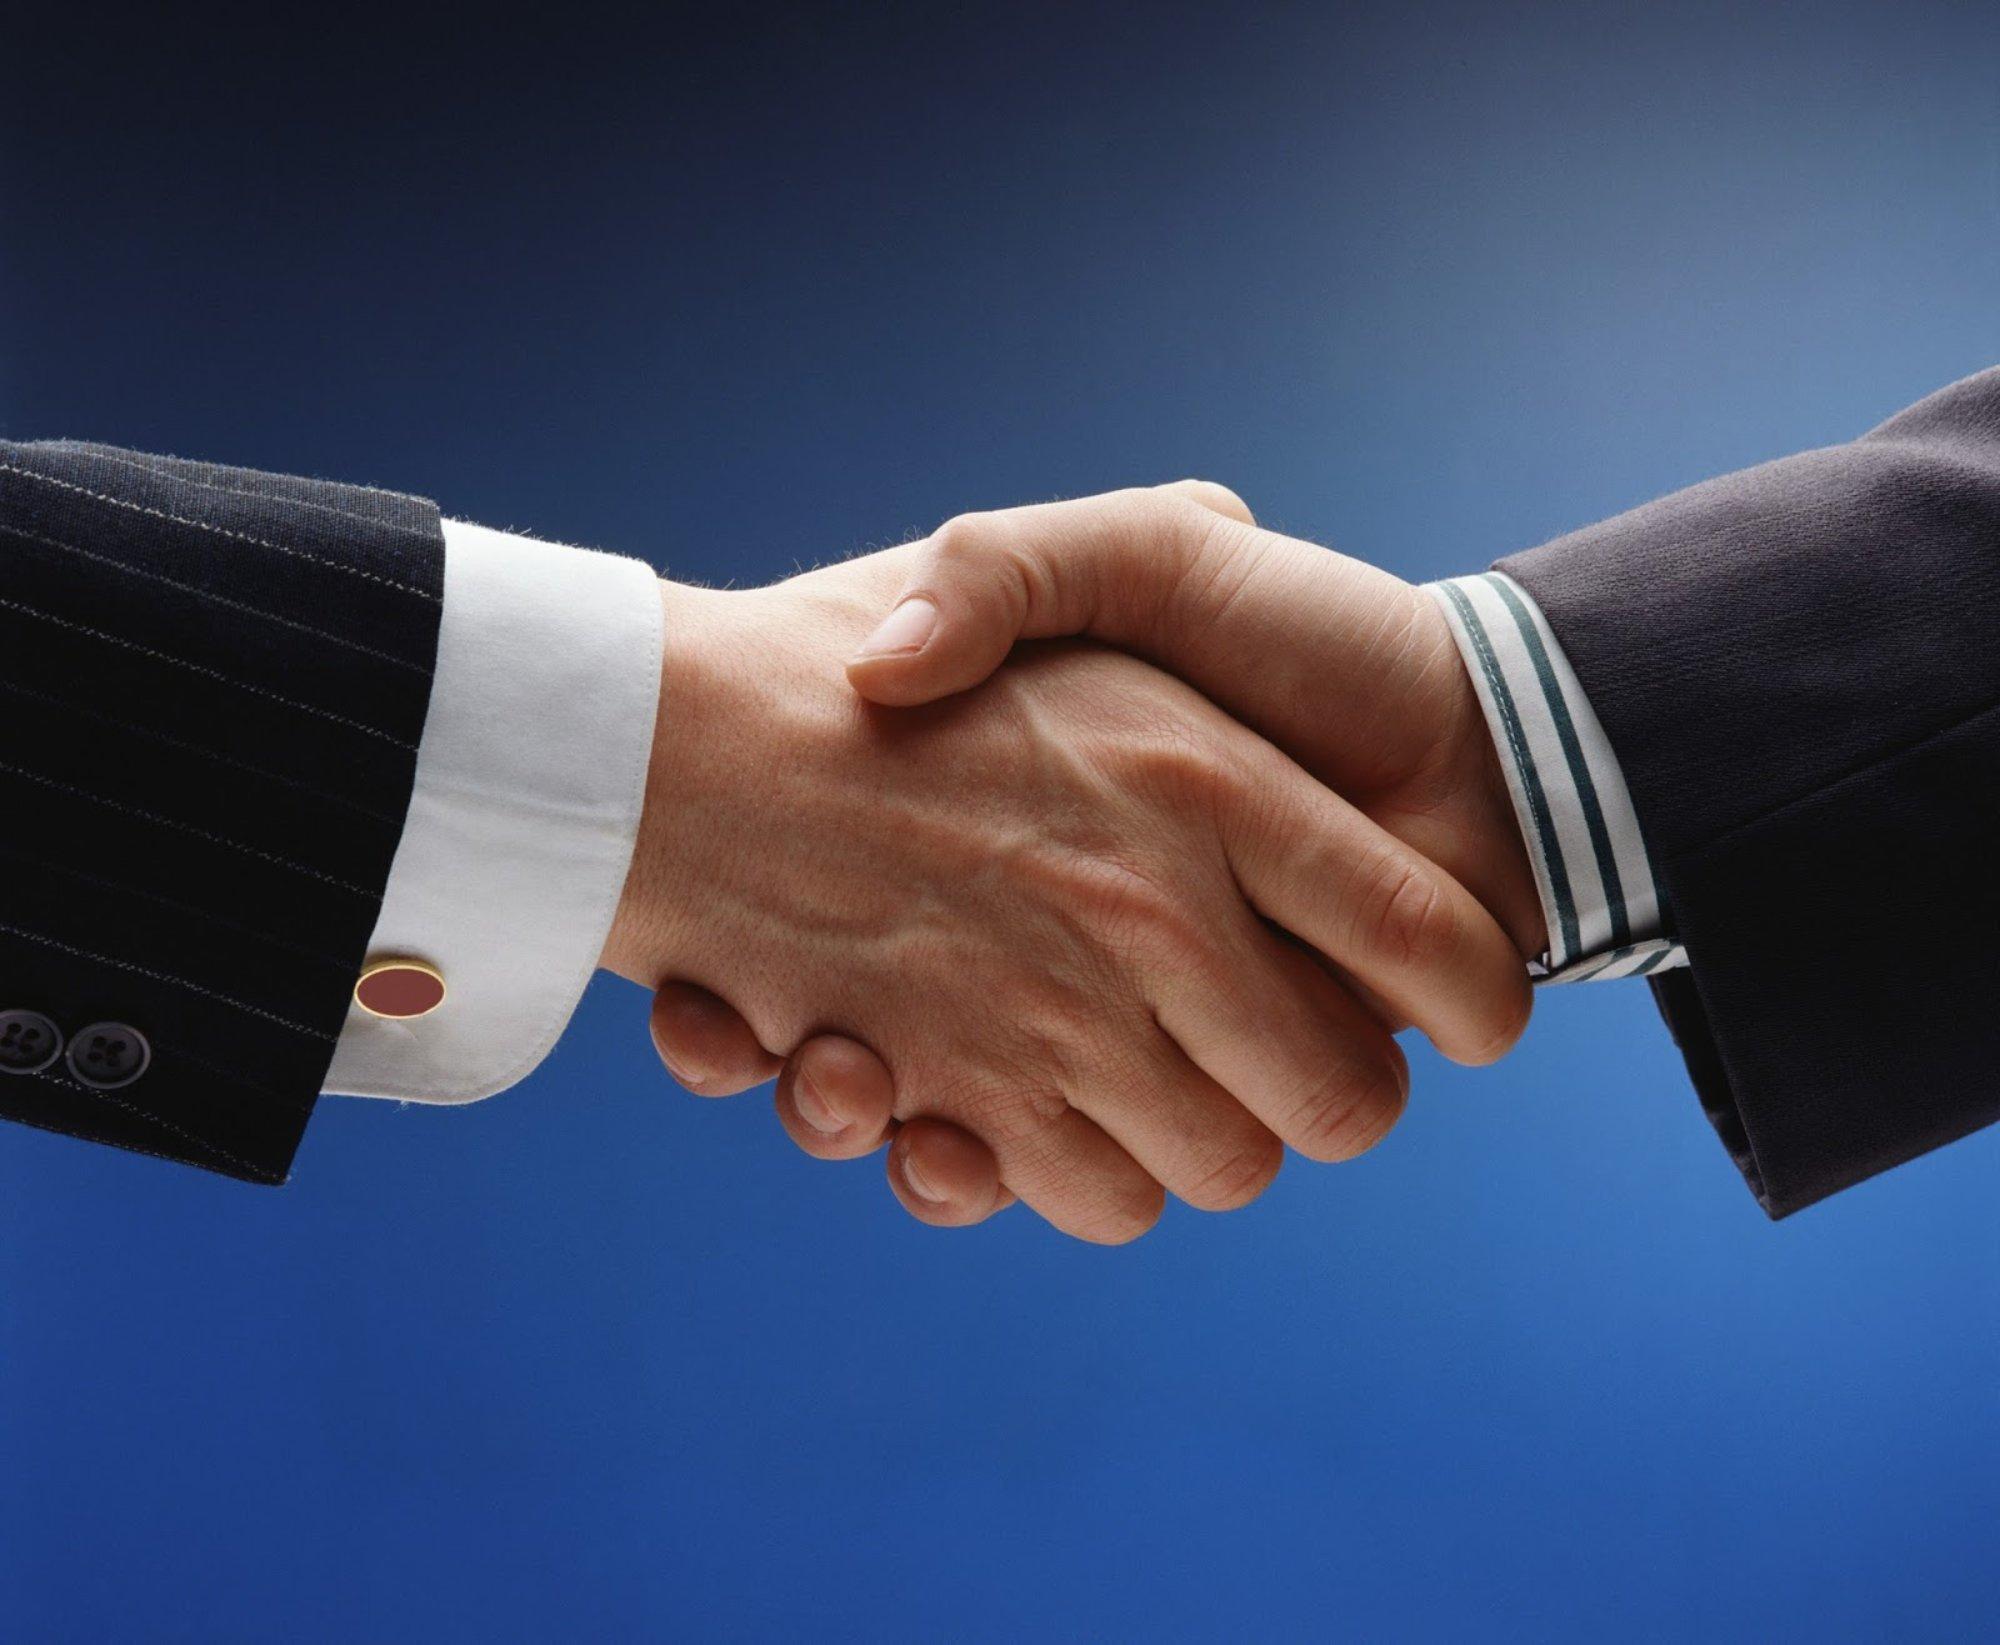 По соглашению сторон полезно для работника